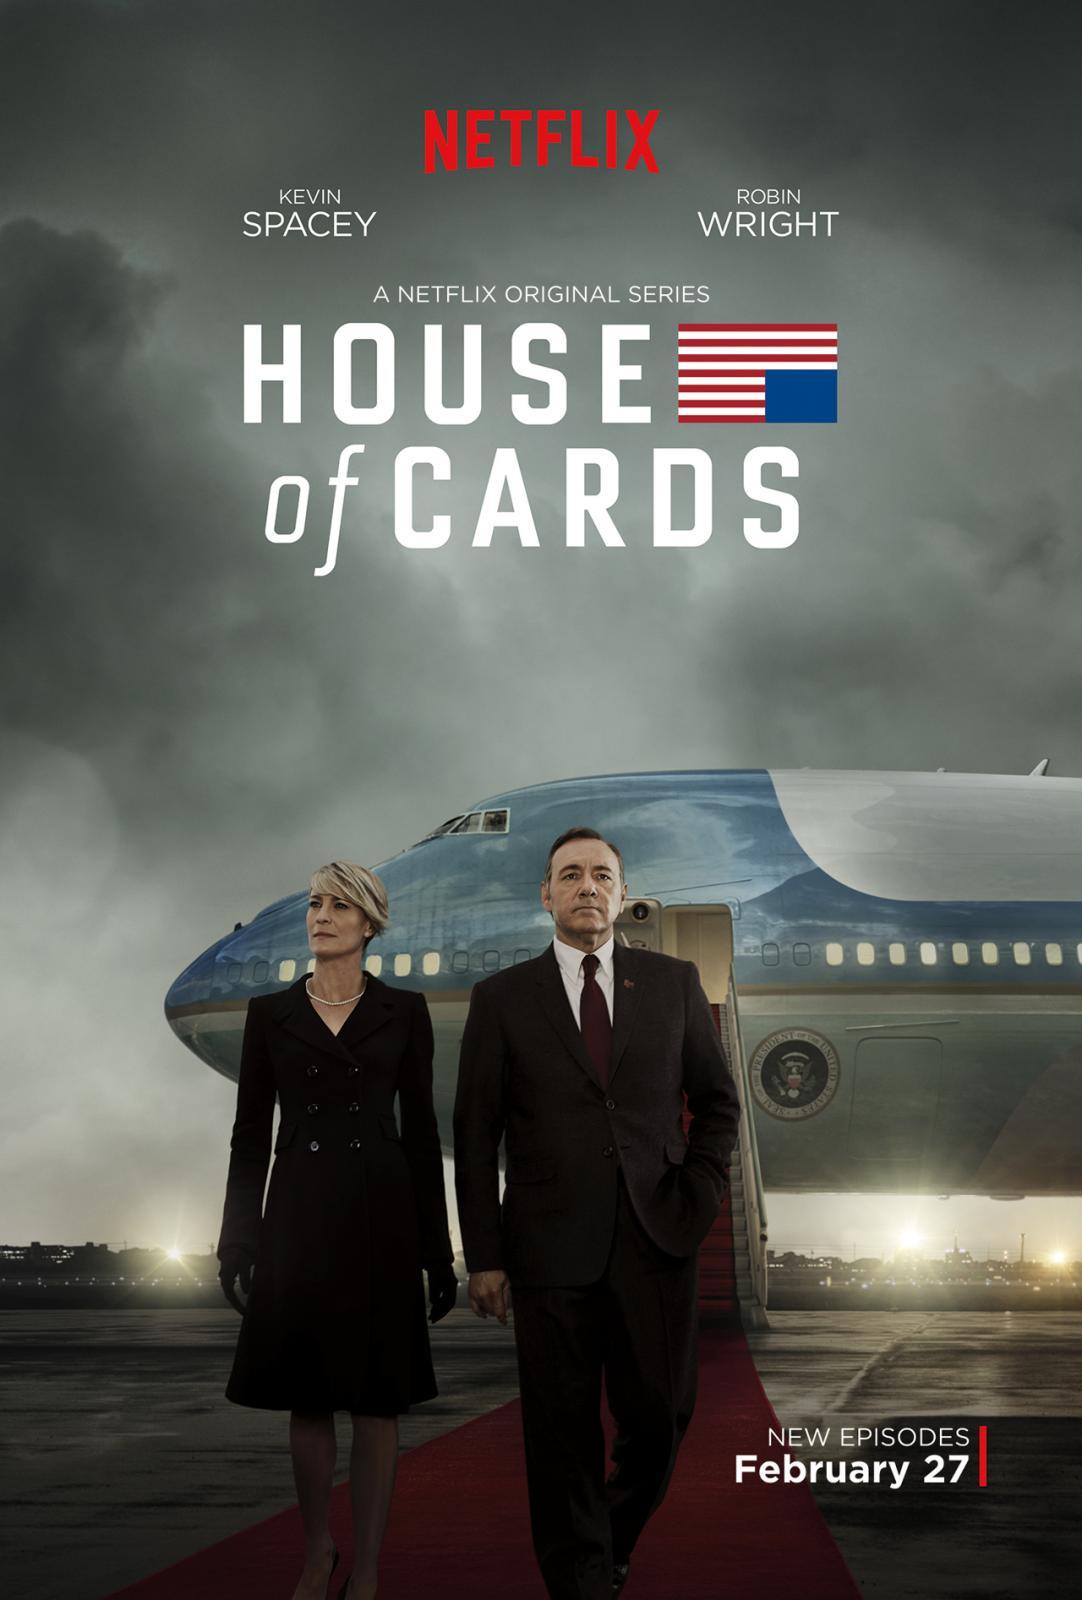 Карточный домик (House of Cards, Netflix) - постер 3 сезона.jpg